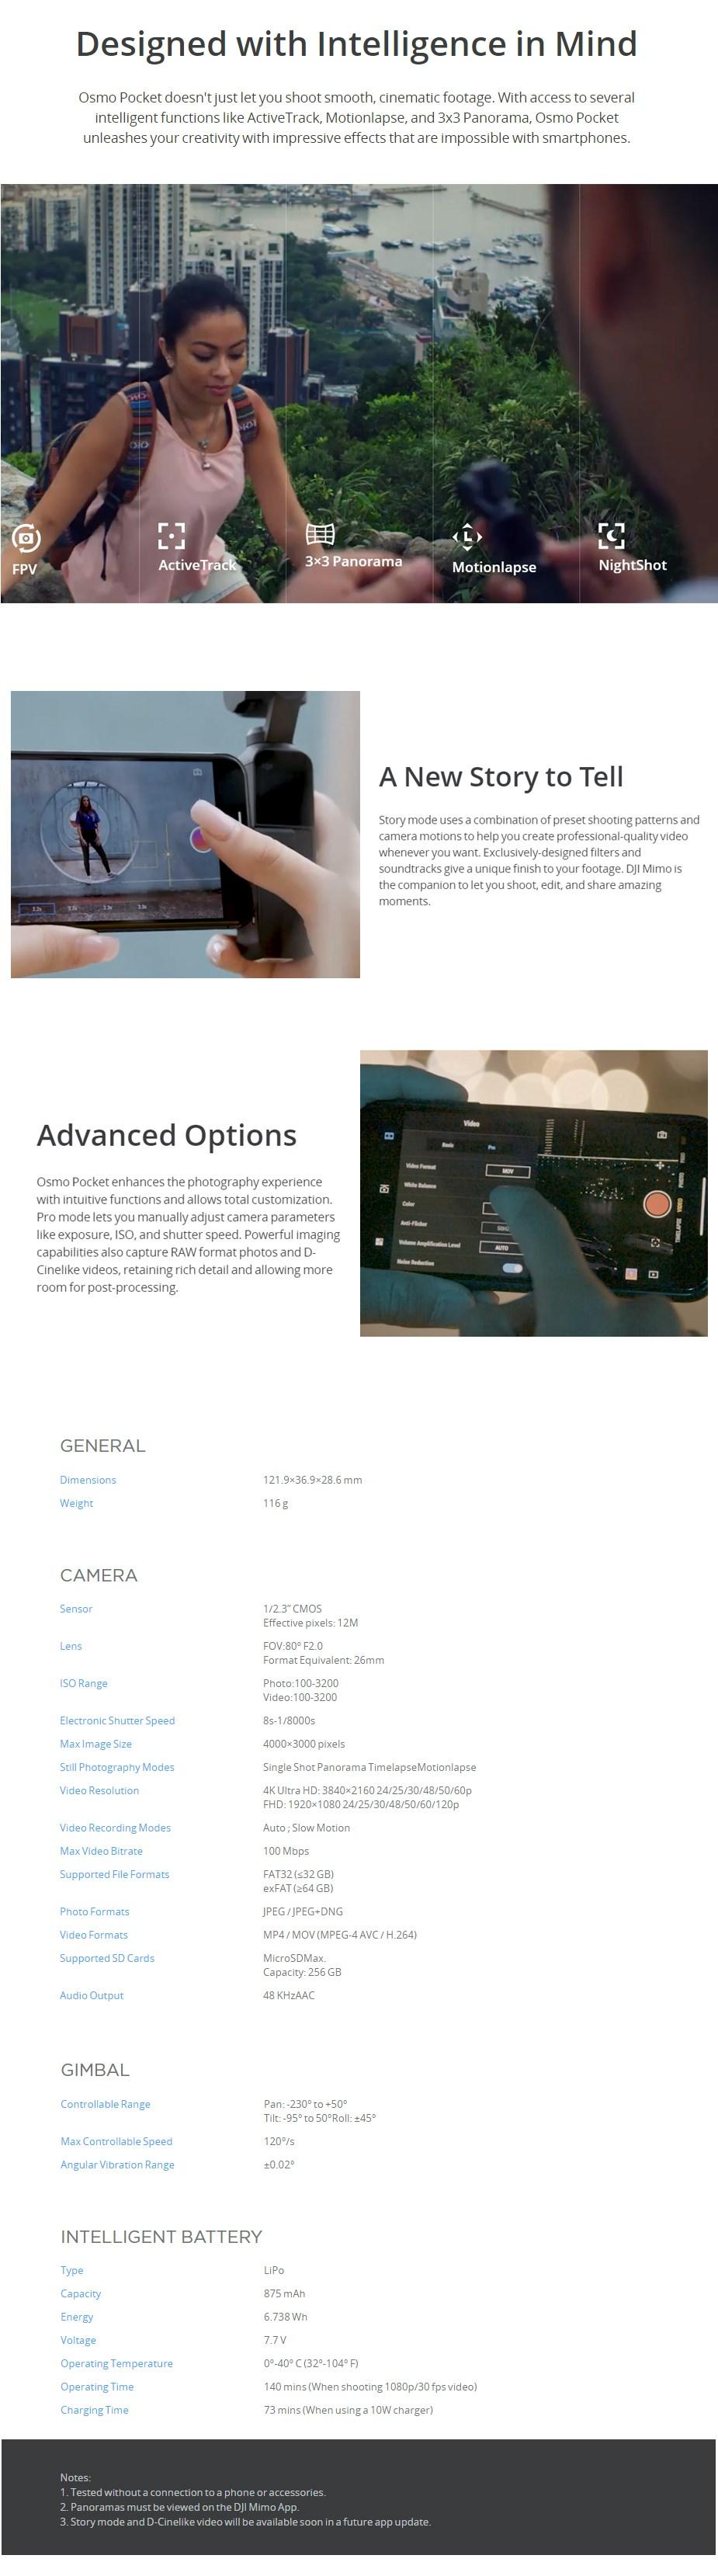 DJI Osmo Pocket 4K 3-Axis Gimbal Camera - Desktop Overview 2